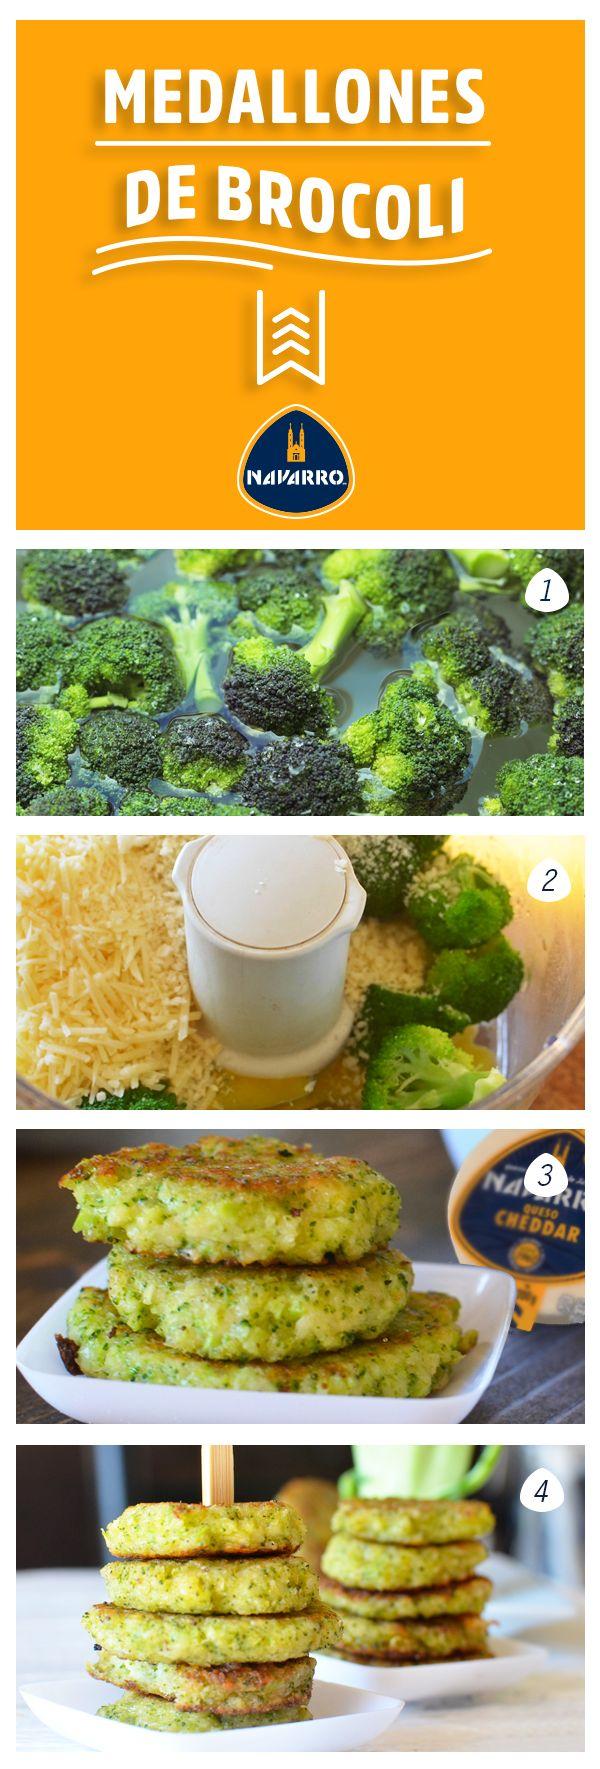 Y para acompañar platillos con verduras: Medallones de brócoli.   1-Hierve dos tazas de brócoli. 2-Licúa: el brócoli, dos huevos grandes, media taza de pan molido y media taza de Queso Cheddar NAVARRO. 3- Usando una cuchara forma bolitas con la mezcla y fríe, aplastándolas con la espátula. 4. Una vez lista sírvelas calientes.